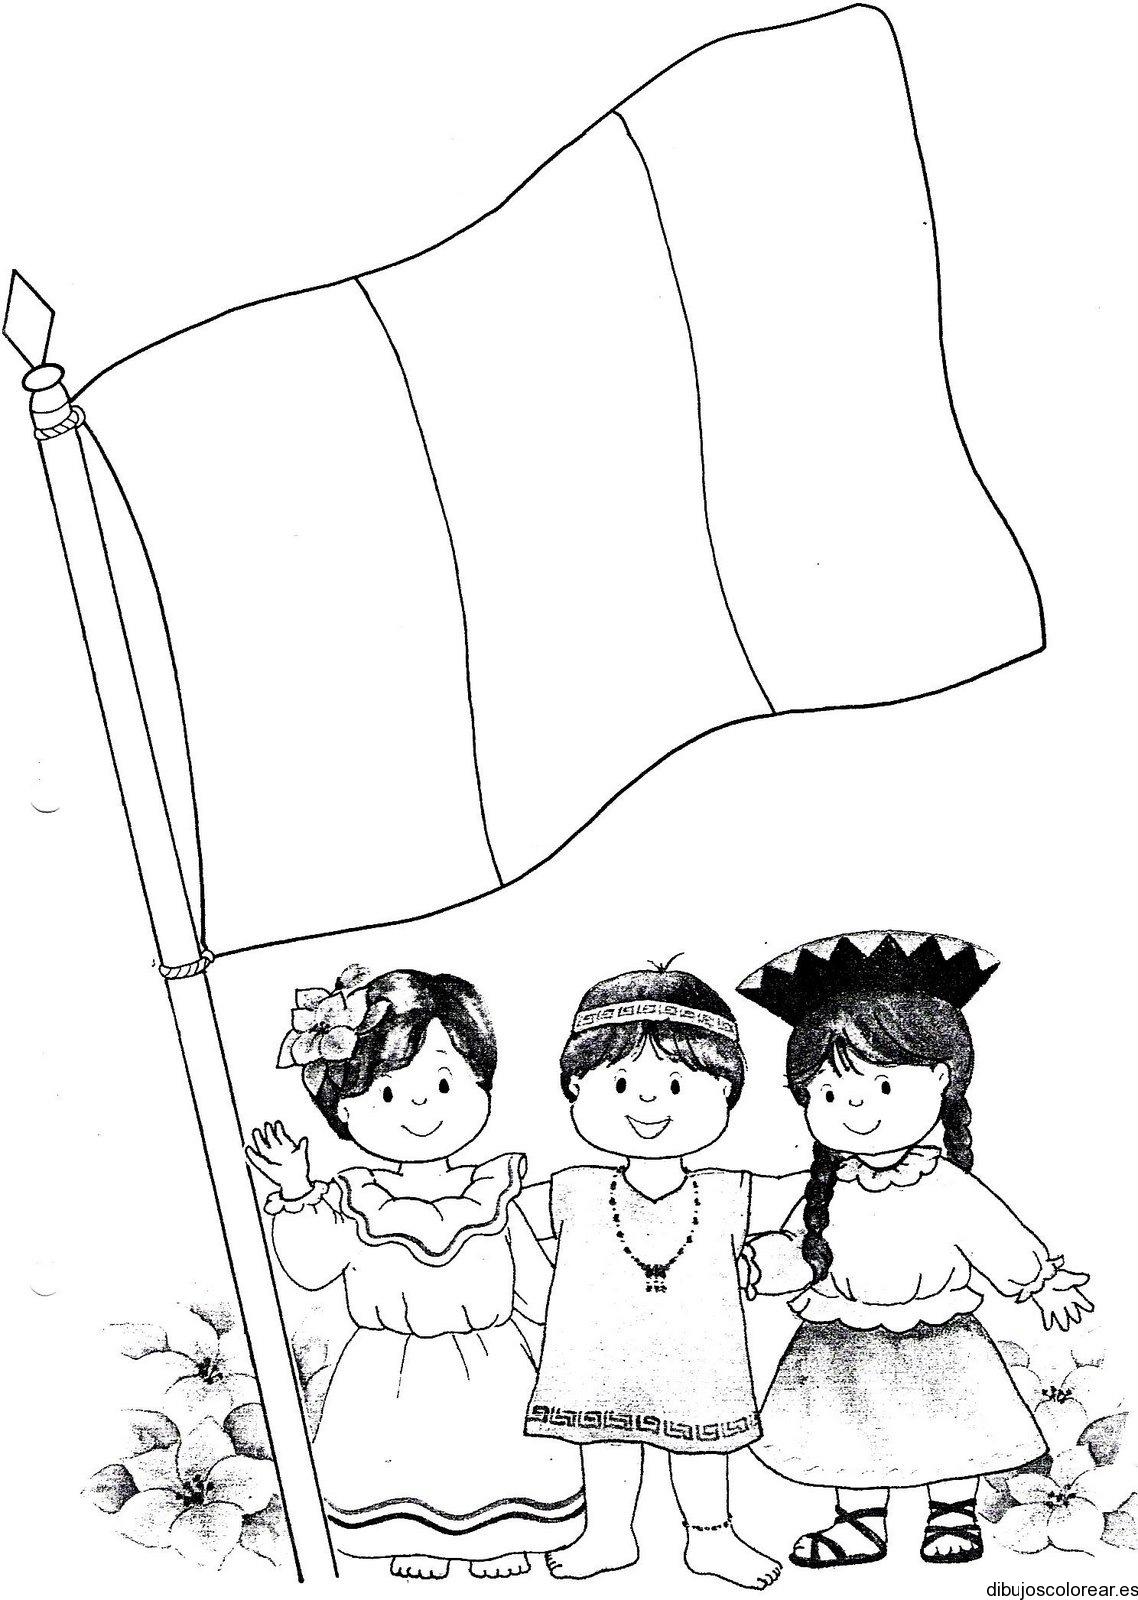 Dibujo de la bandera en el asta